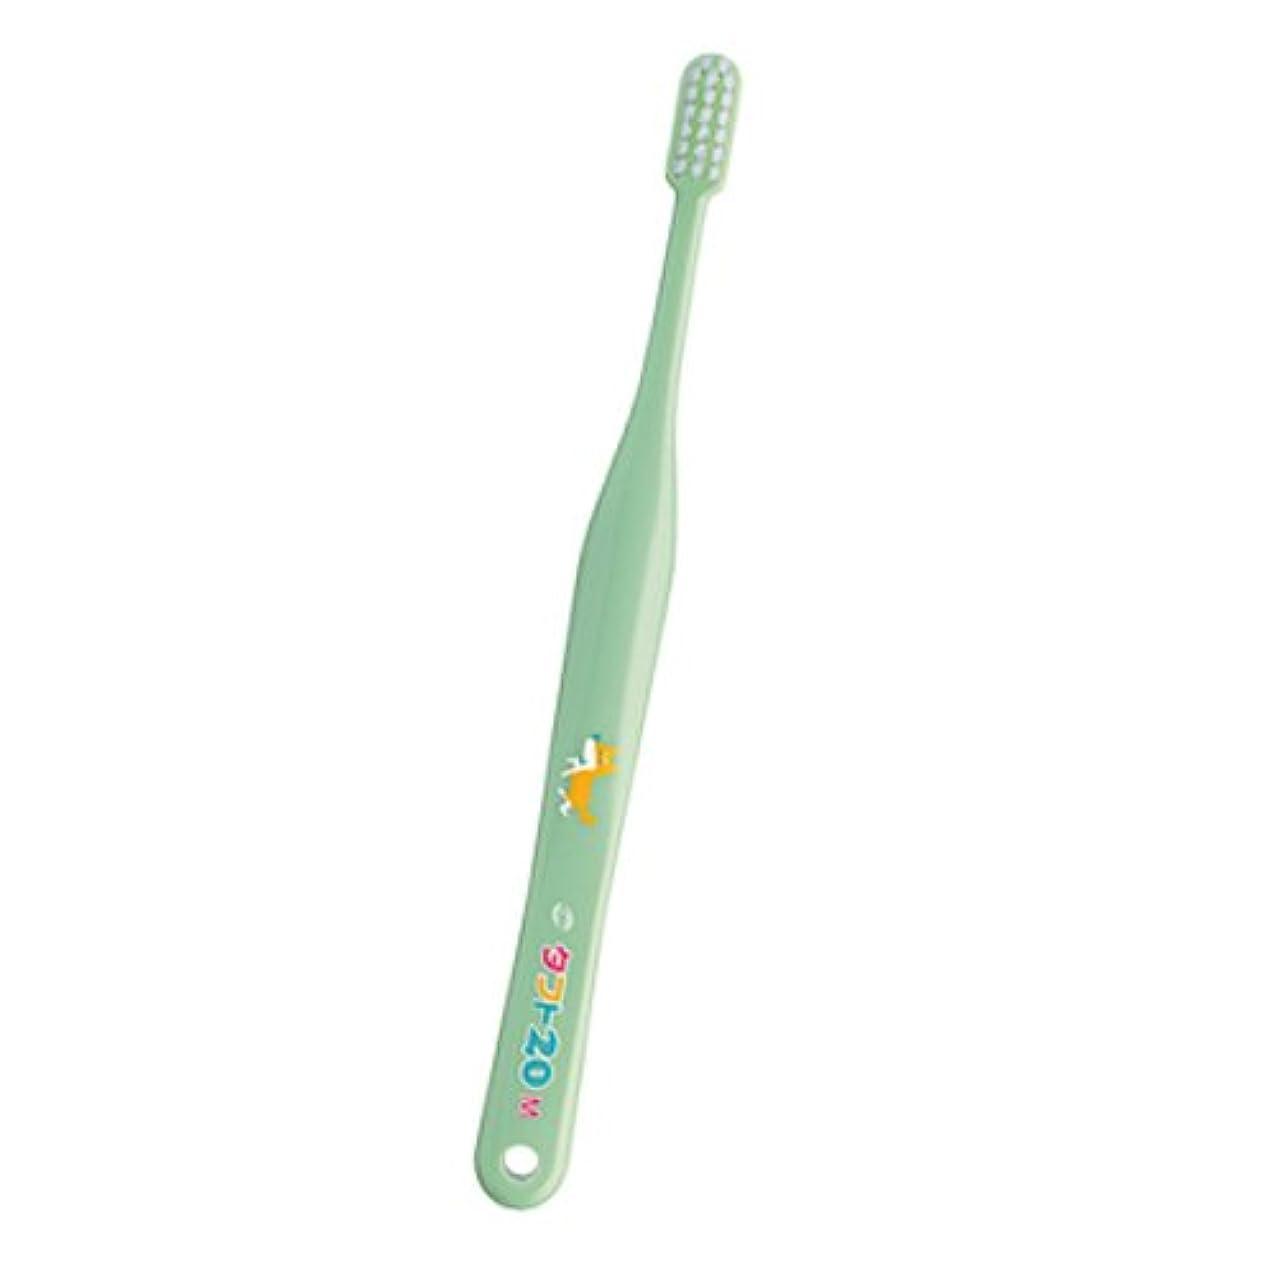 寄稿者登録する散るオーラルケア タフト 20 歯ブラシ ミディアム 1本 グリーン M